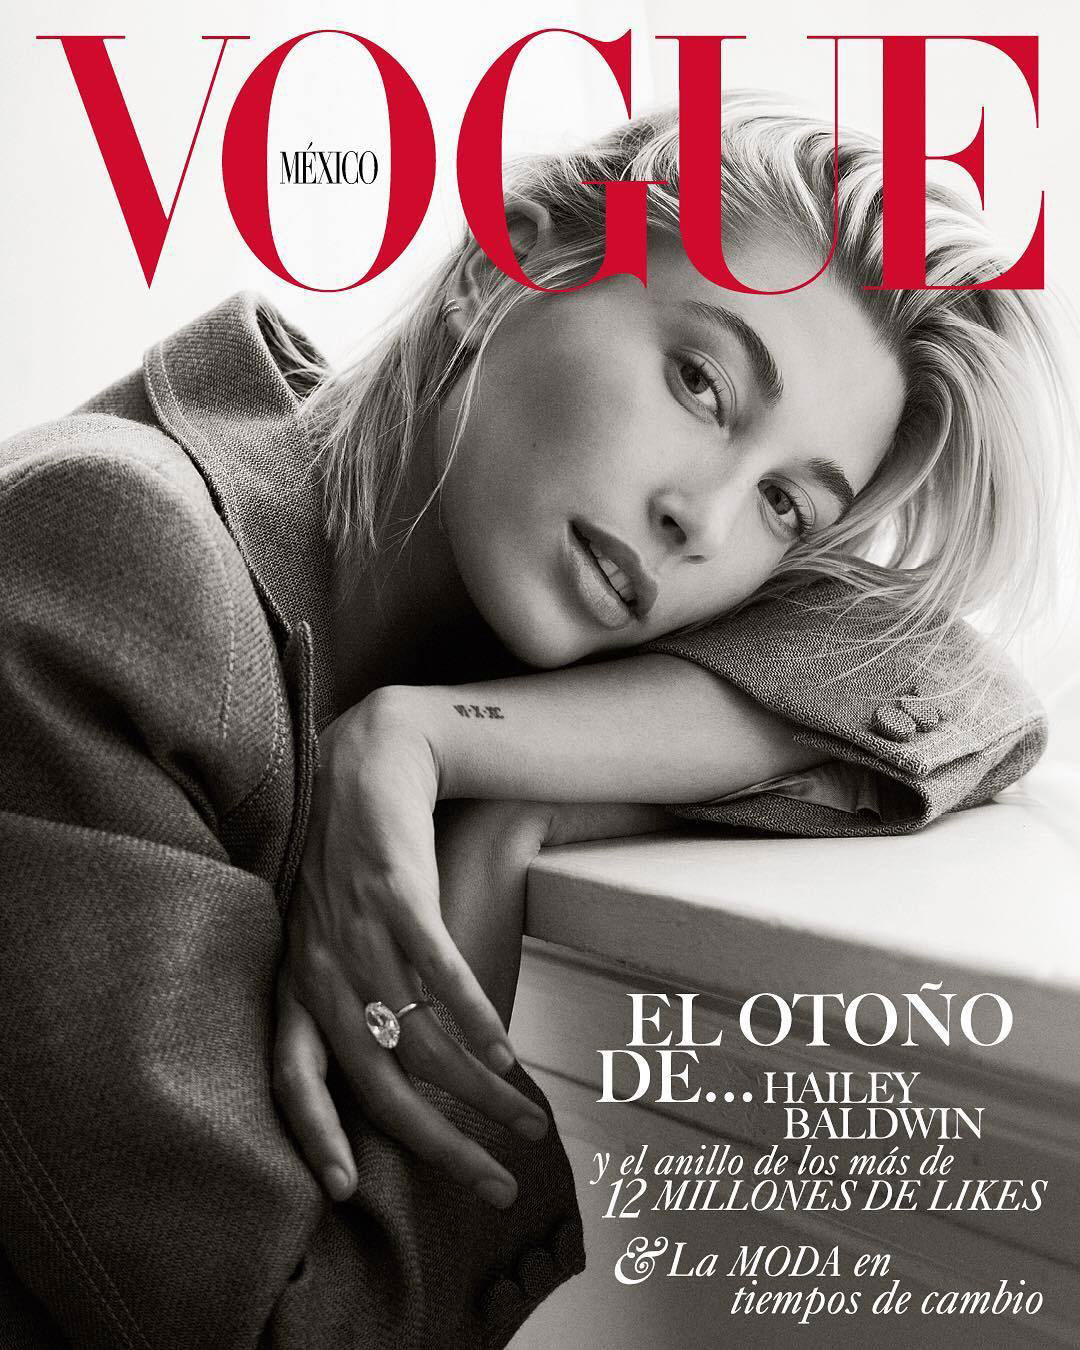 Bjorn Iooss Vogue Mexico - Hailey Baldwin